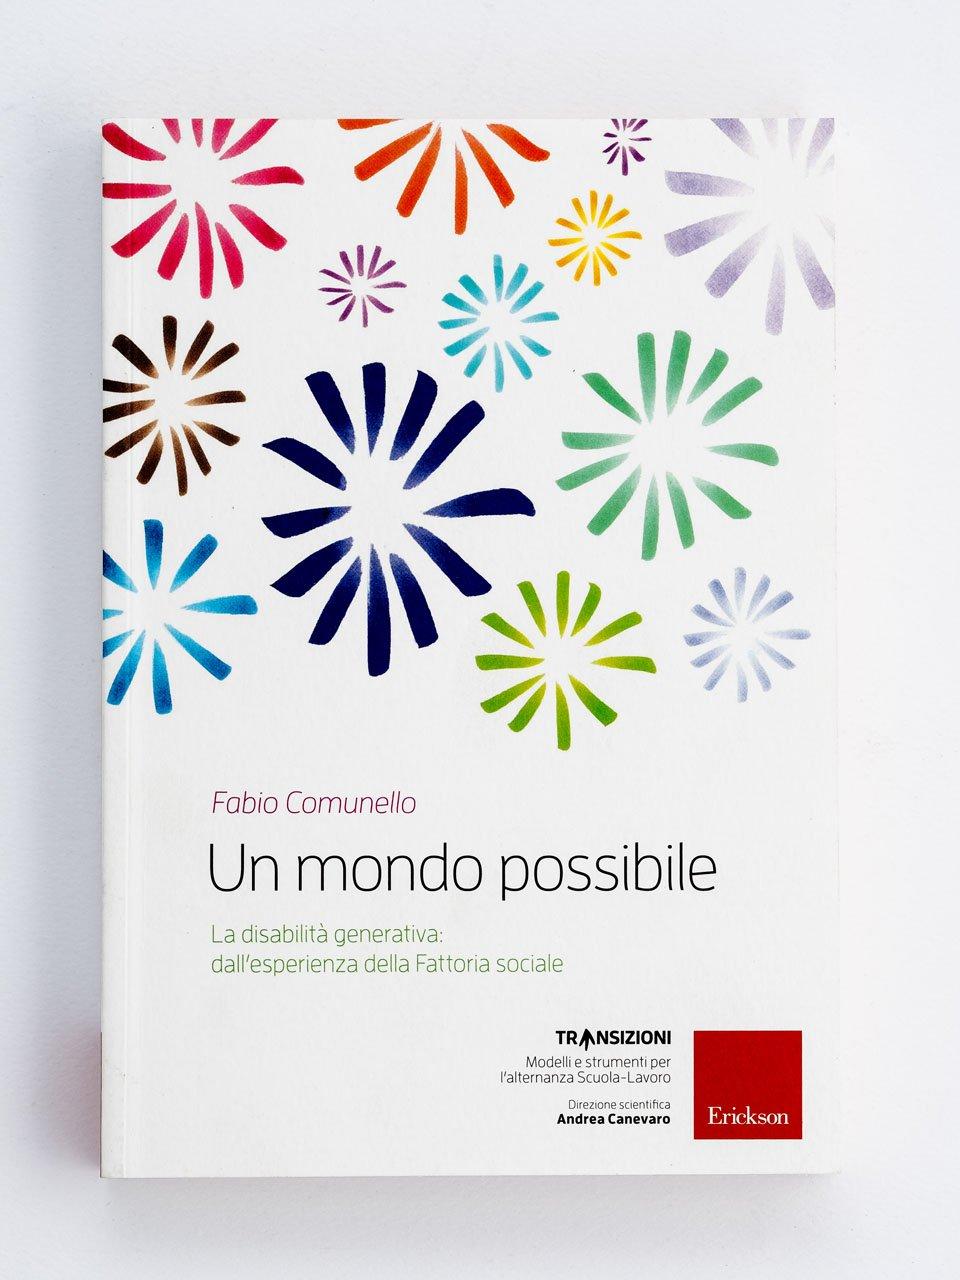 Un mondo possibile - Autonomie personali e sociali - Erickson